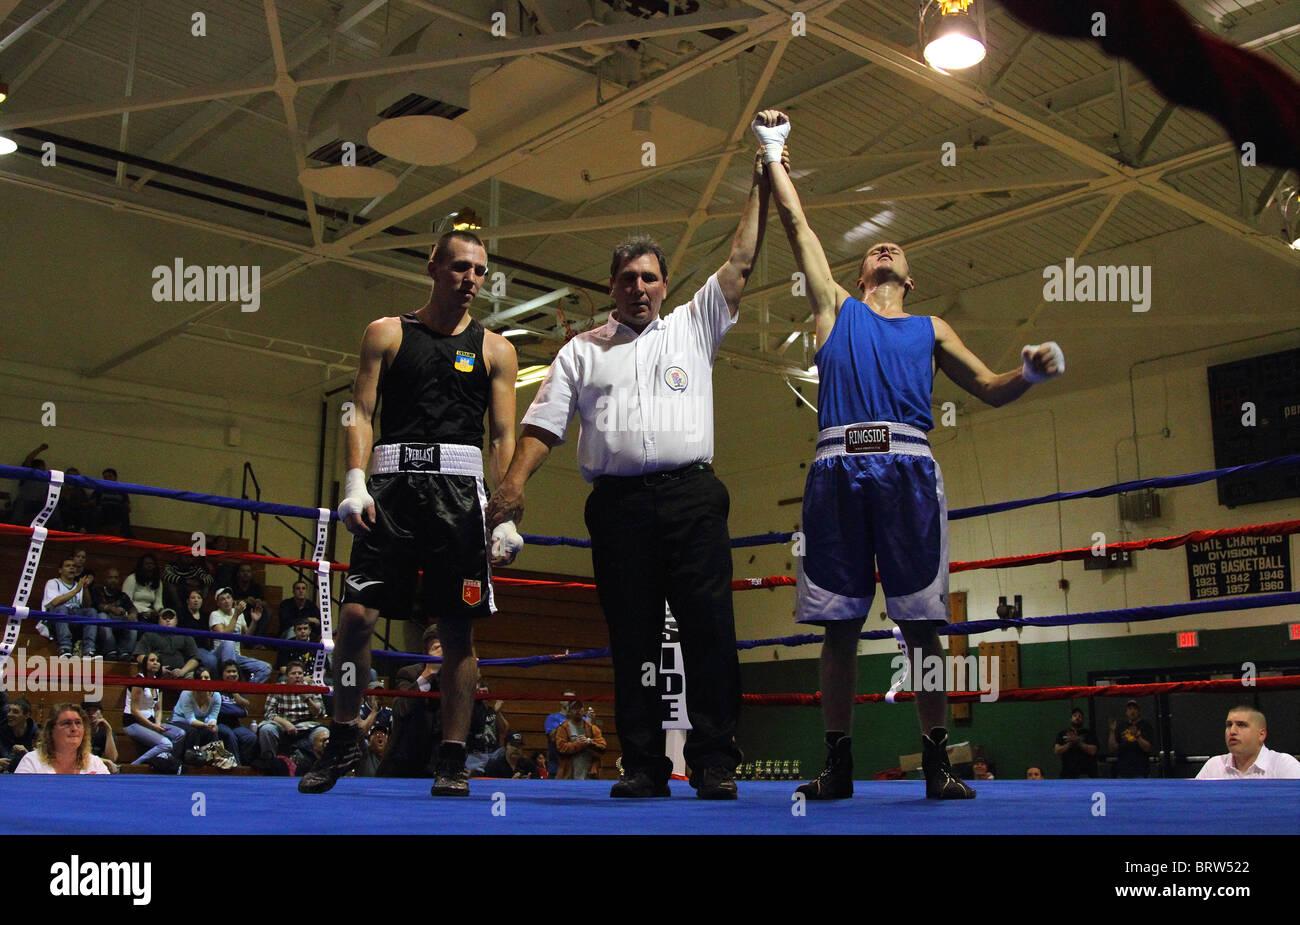 L'arbitre de boxe contient jusqu'gagner le bras du boxeur sur le ring après un match de boxe Photo Stock